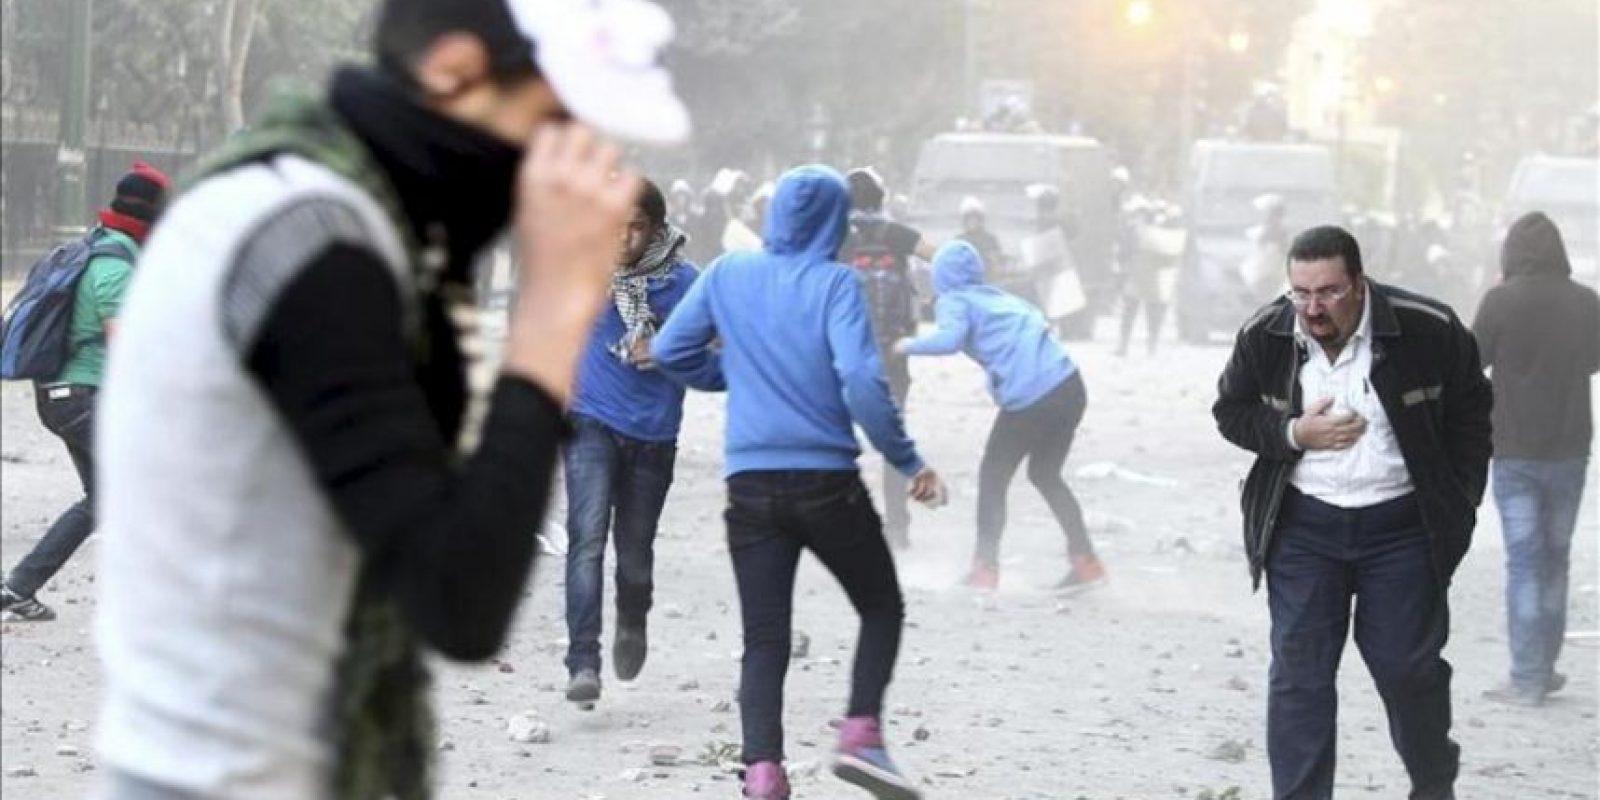 Manifestantes egipcios opositores y simpatizantes del presidente egipcio, Mohamed Mursi, lanzan piedras contra agentes de policía antidisturbios, durante enfrentamientos en la céntrica plaza Tahrir de El Cairo, Egipto, el 23 de noviembre de 2012. EFE